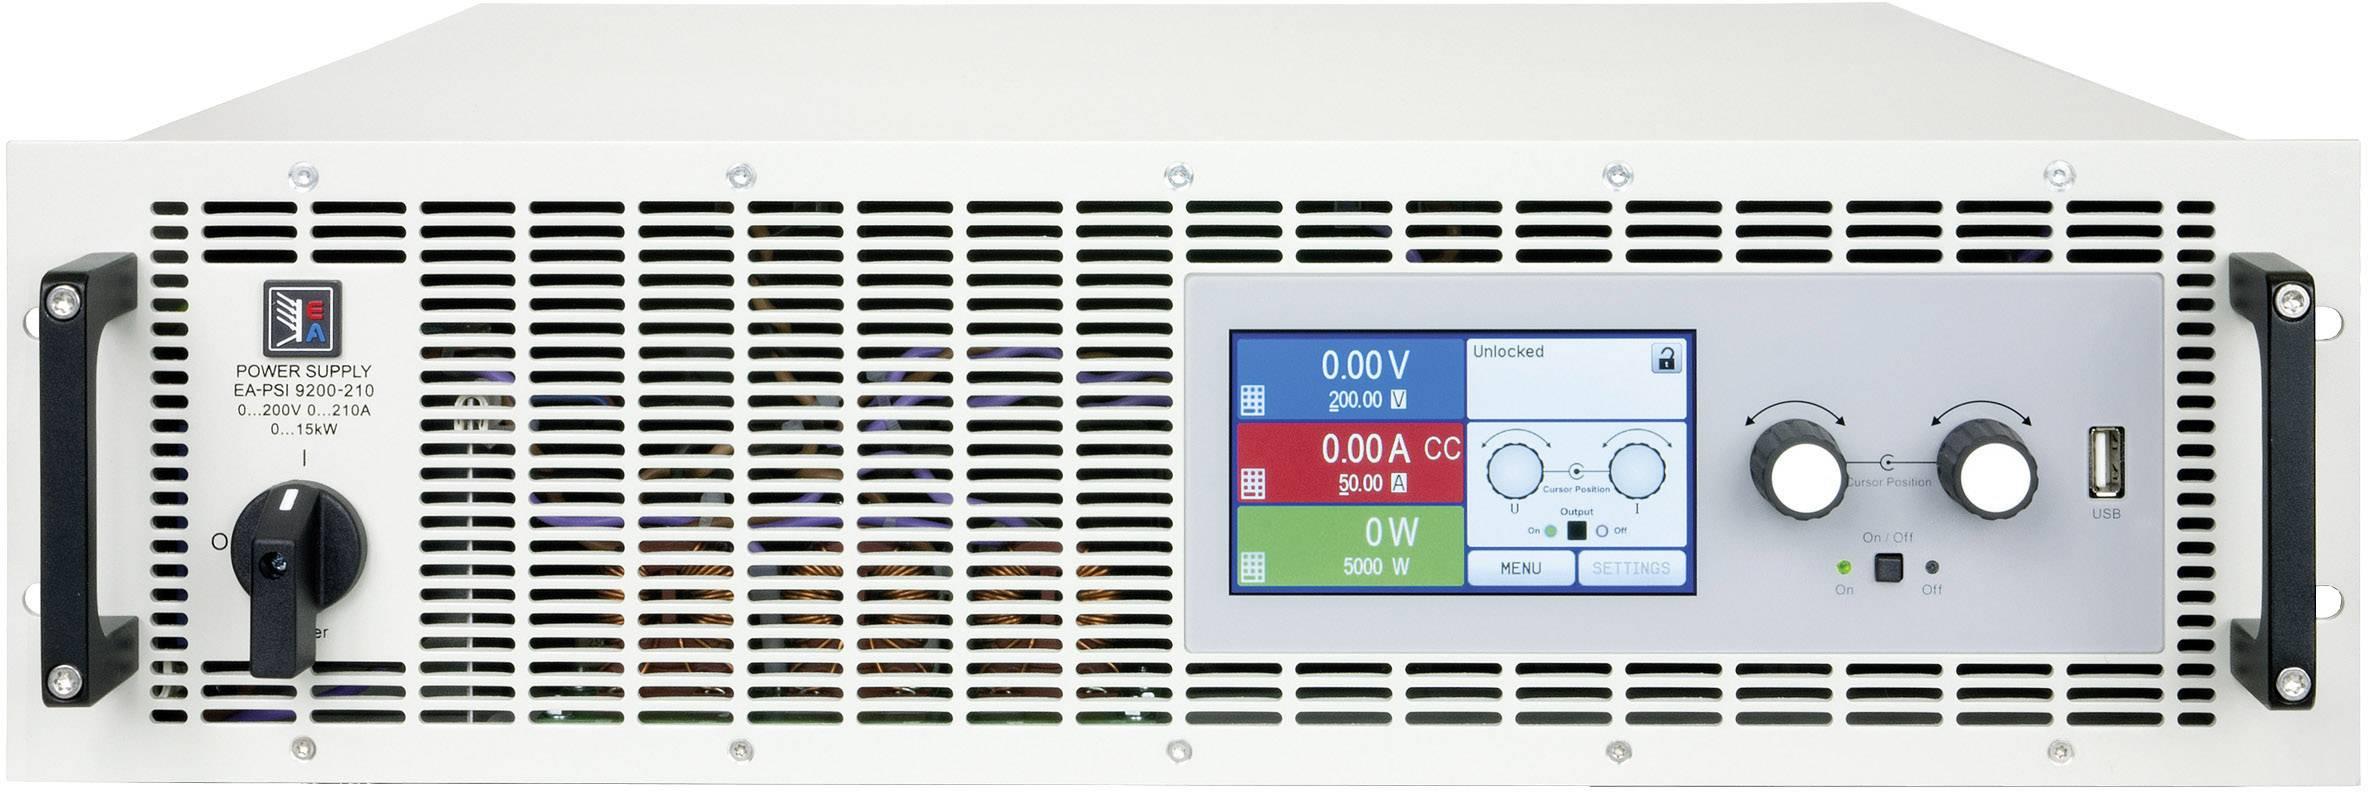 Programovateľný laboratórny zdroj EA EA-PSI 9500-90, 3U, 500 V, 90 A, 15000 W, USB